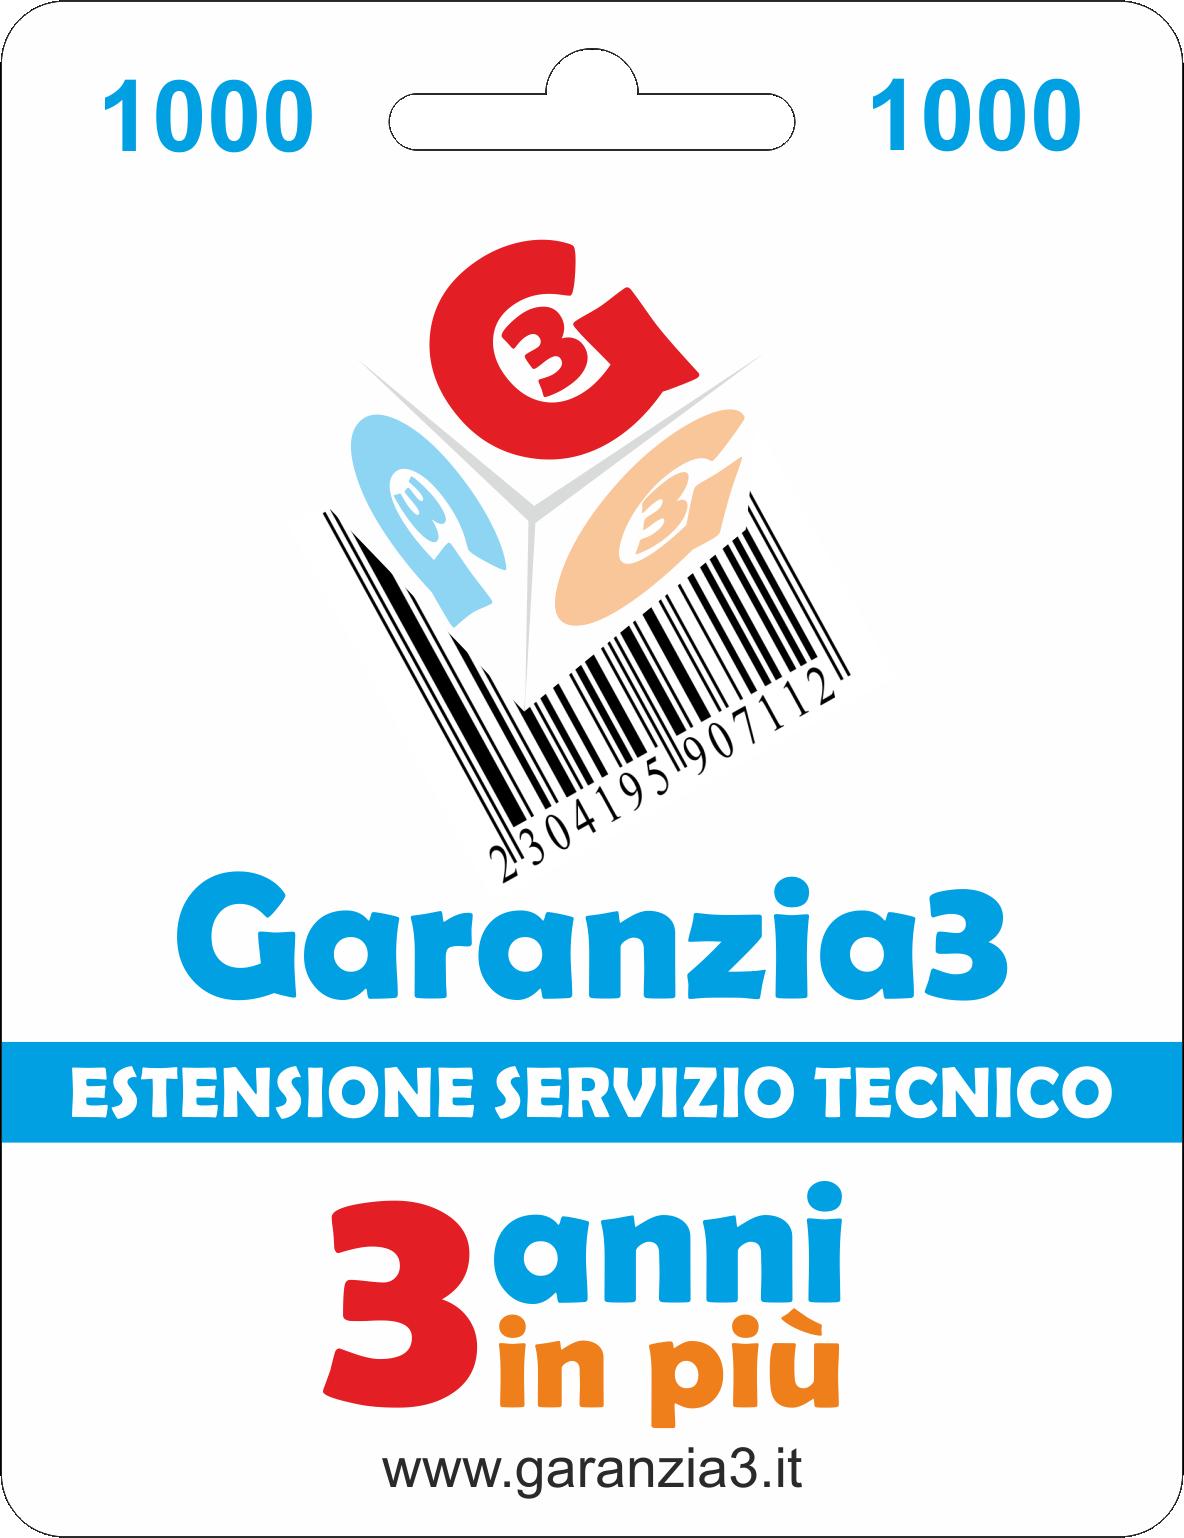 Garanzia3 1000 - Dagimarket